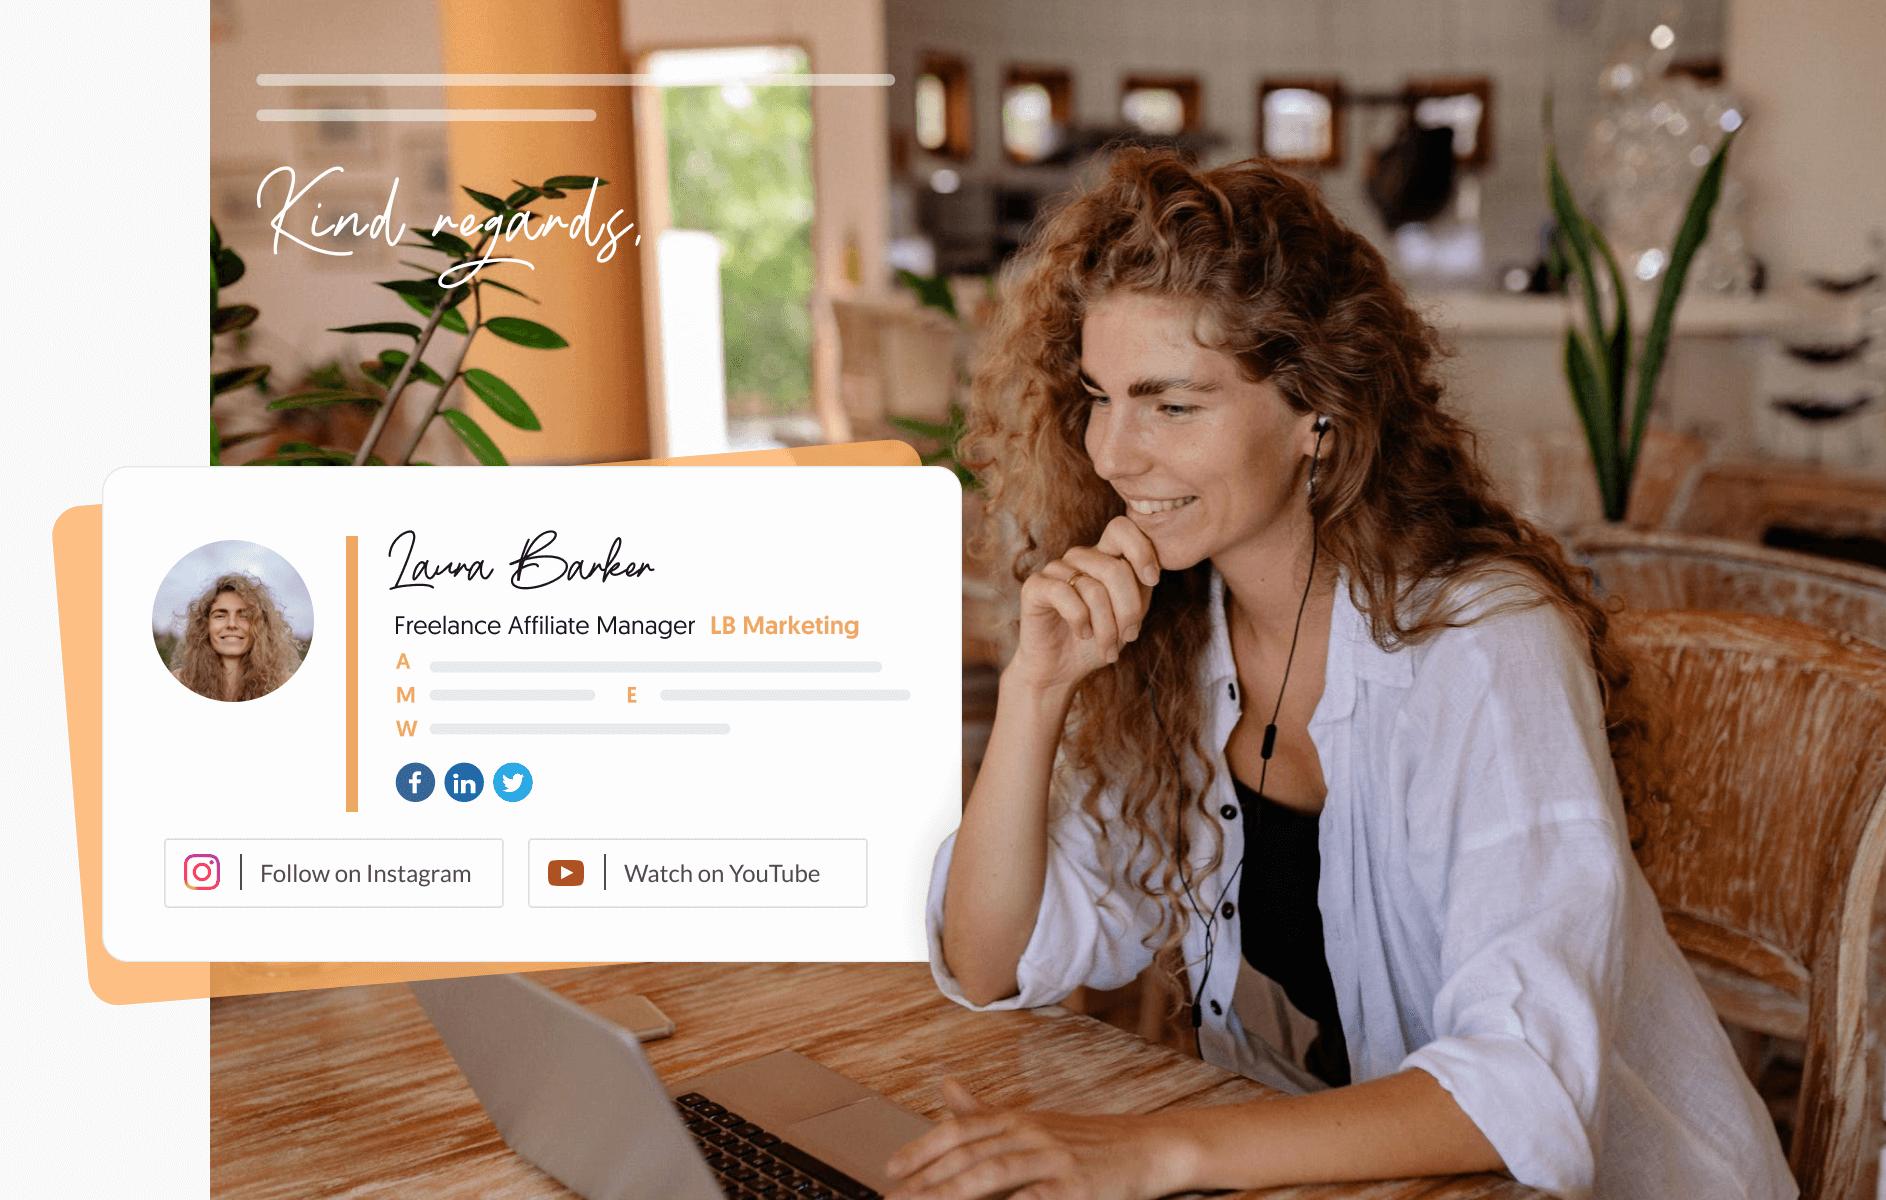 blogger email signature